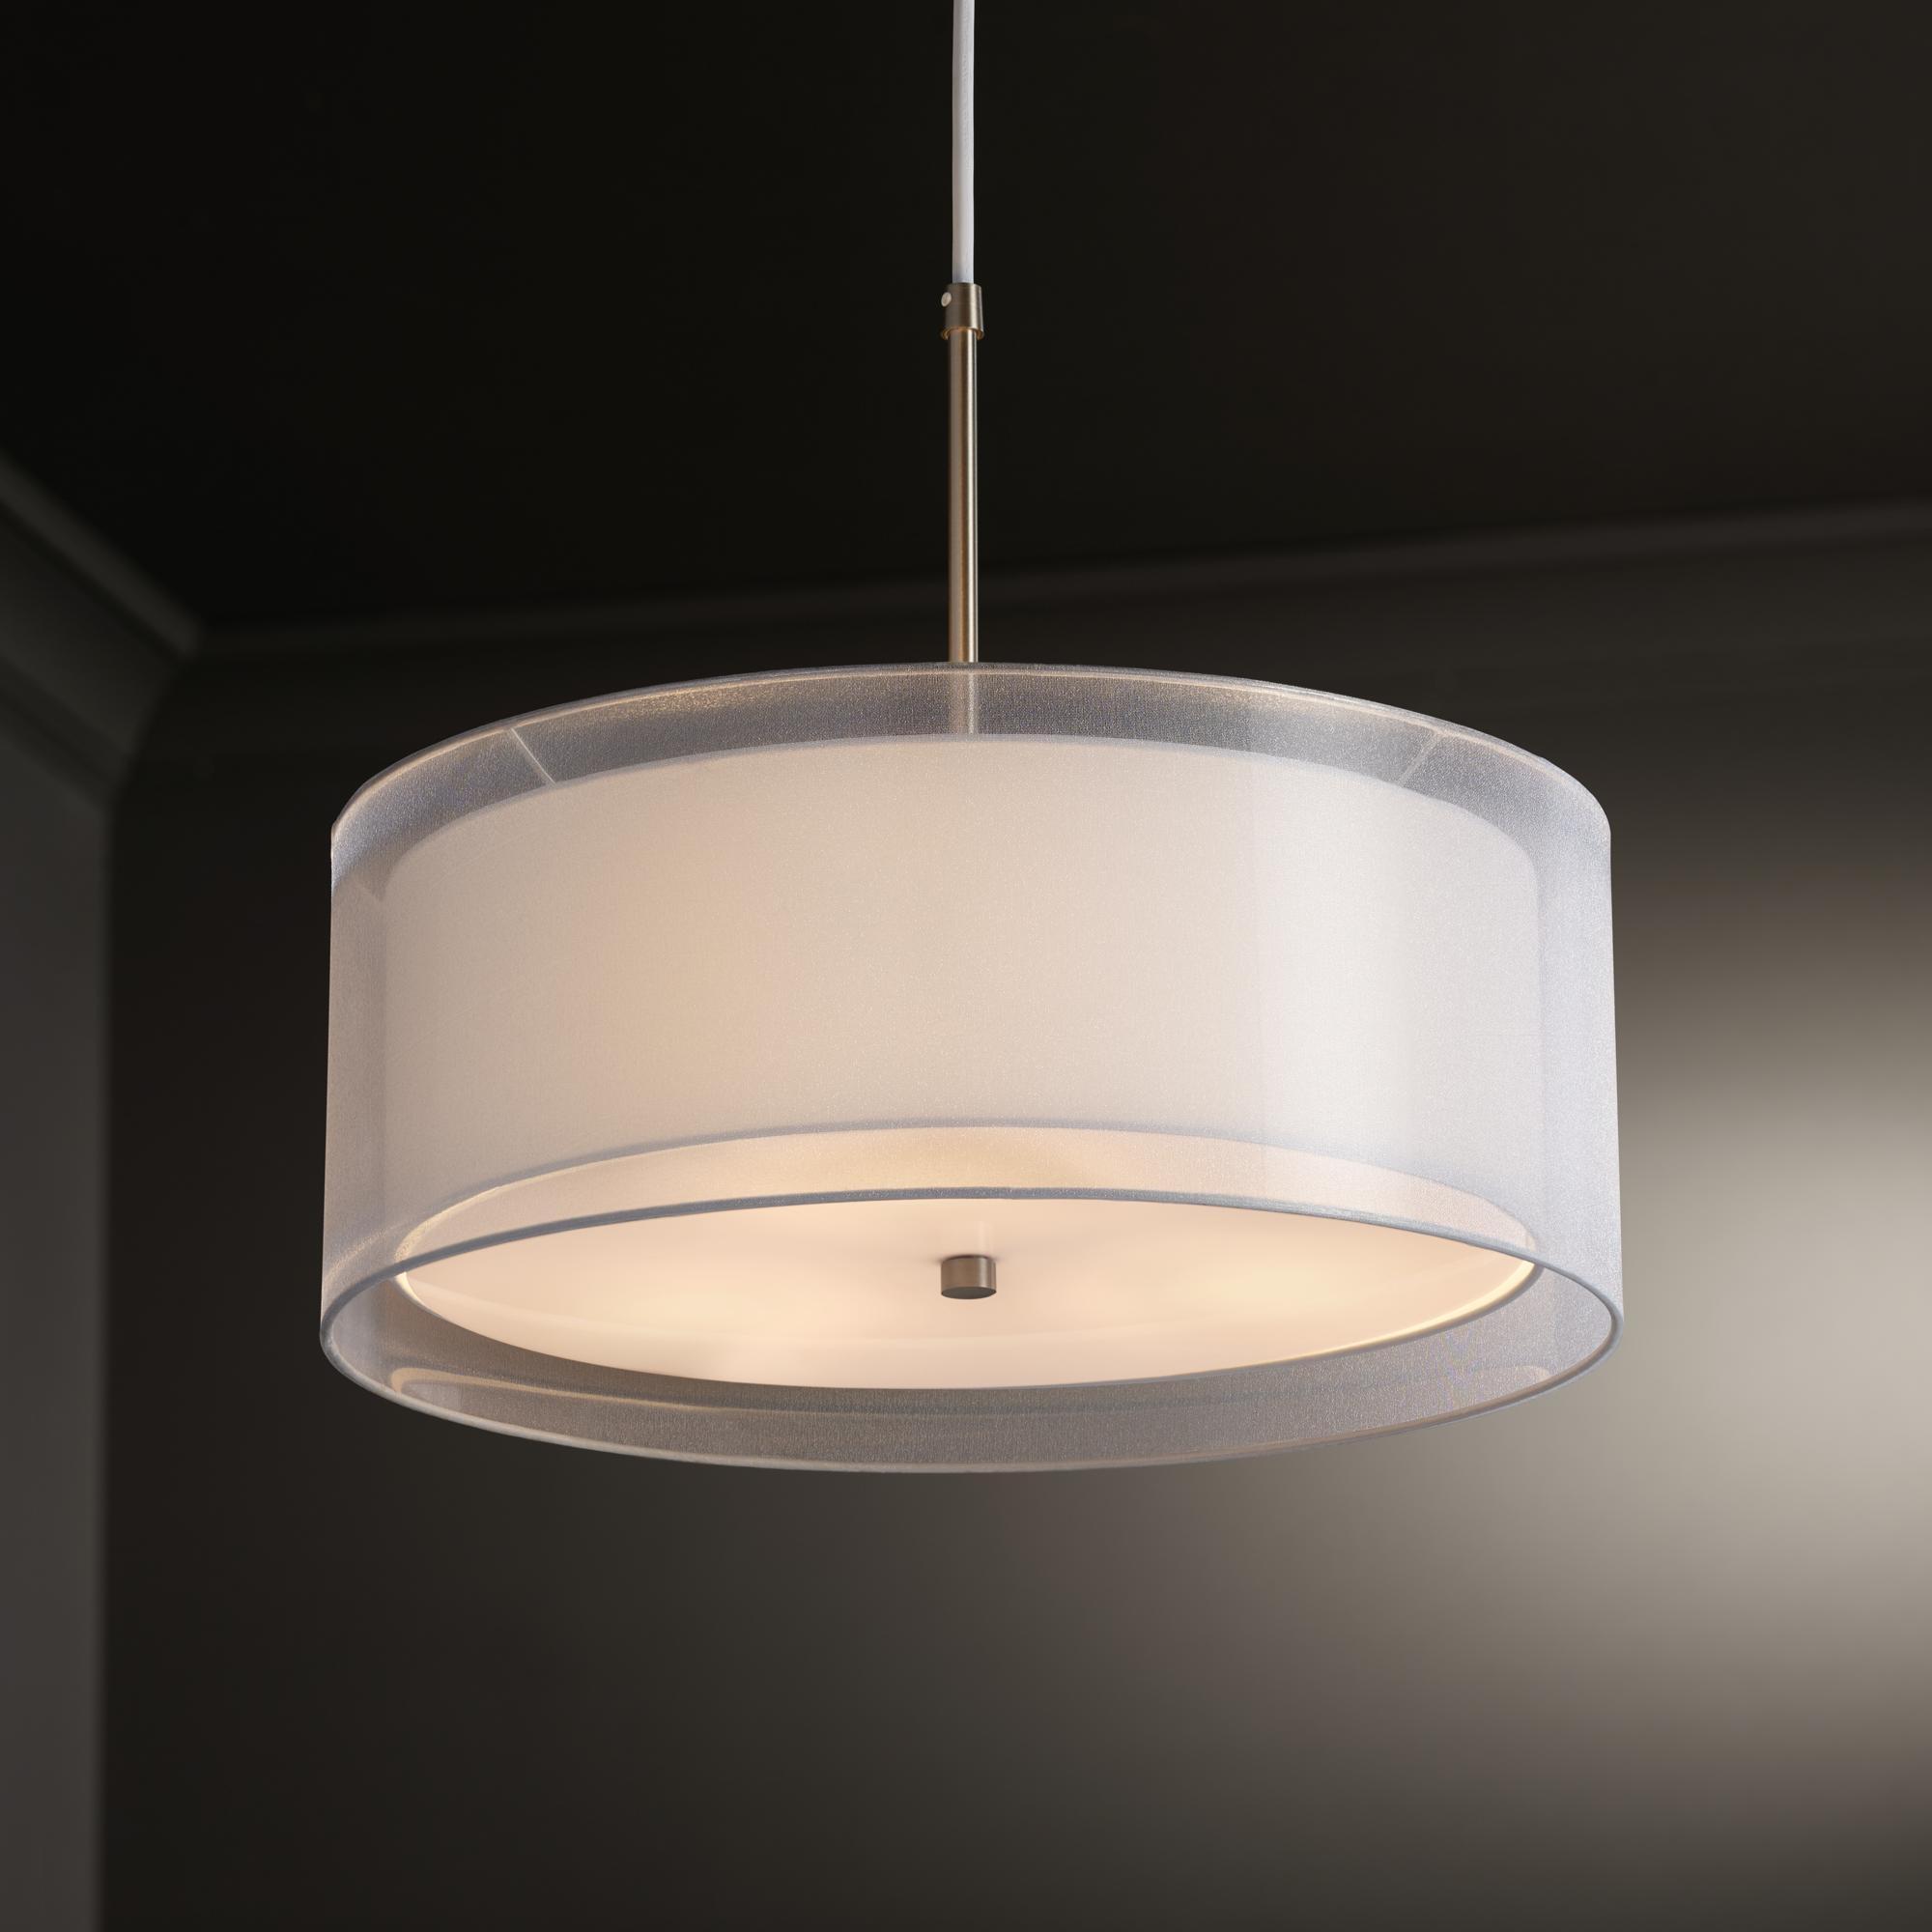 Possini Double Drum Ceiling Light